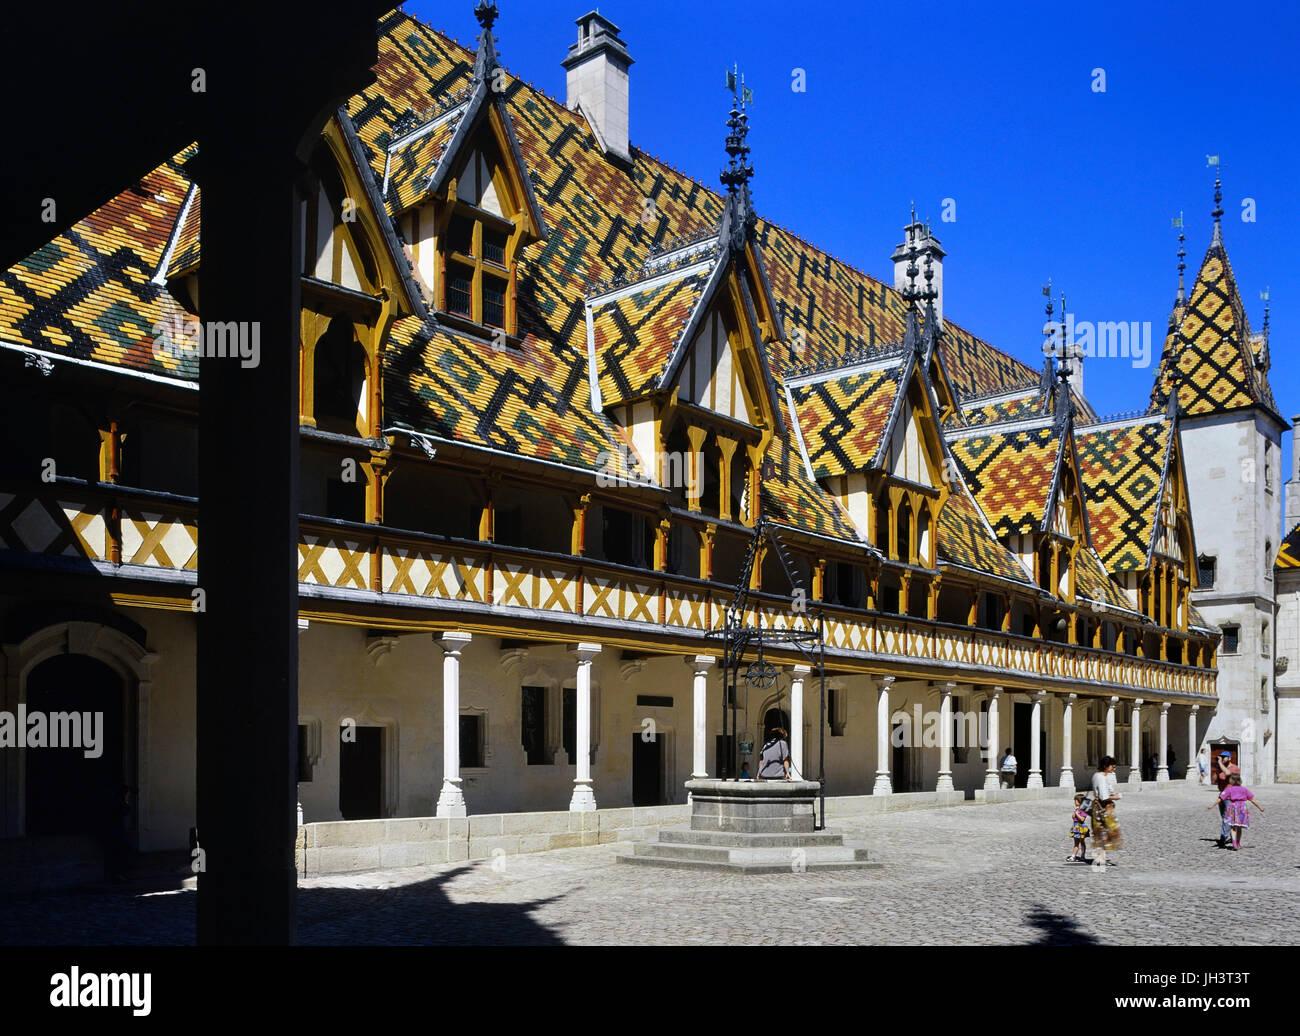 The Hospices de Beaune or Hôtel-Dieu de Beaune, Beaune, Burgundy, France - Stock Image